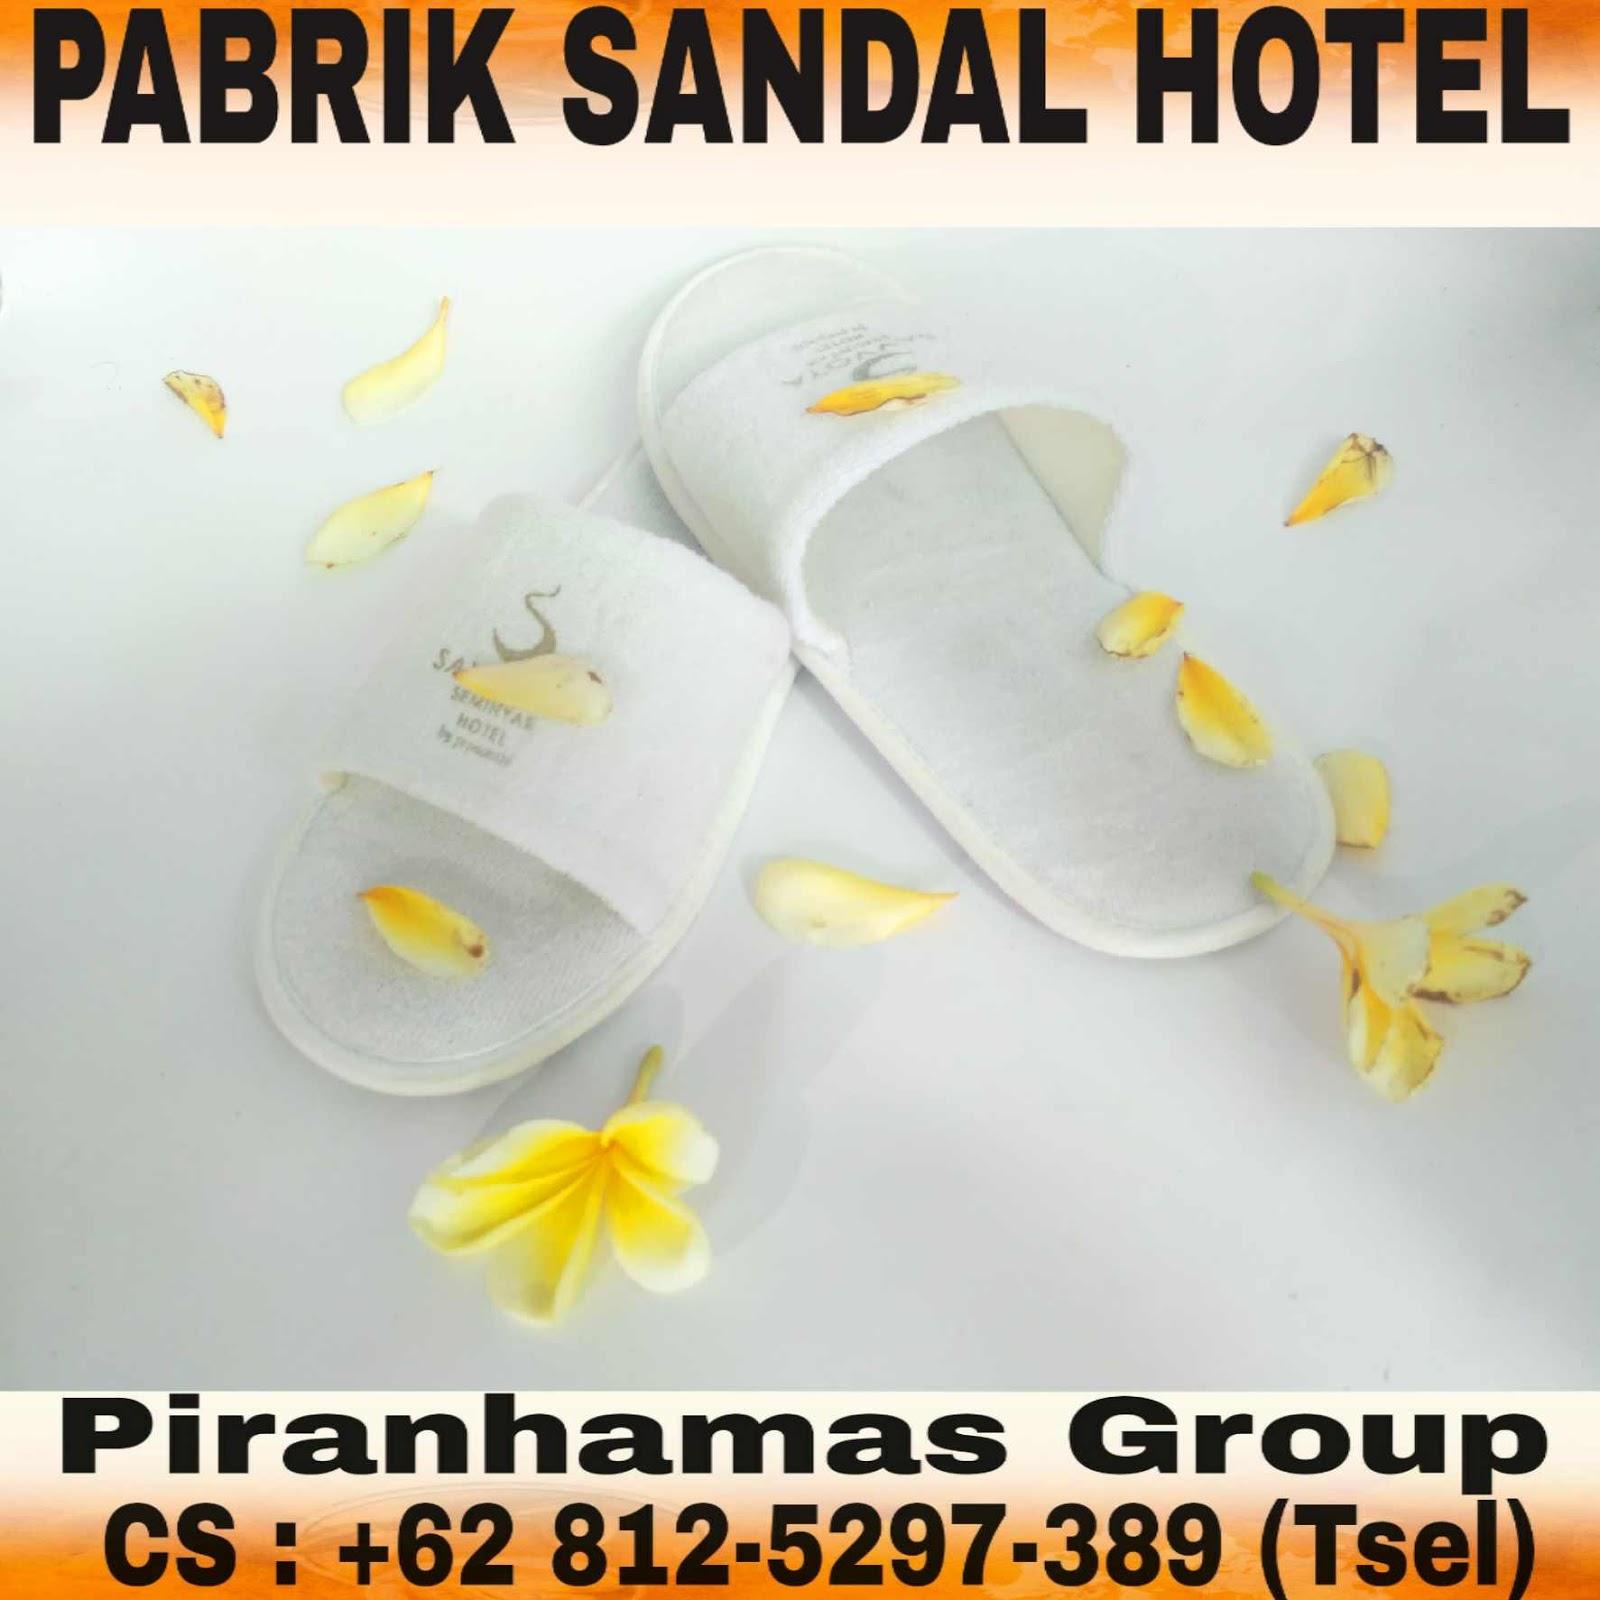 e2ae0e6c8 Piranha mas group menyediakan berbagai perlengkapan hotel dengan berbagai  macam pilihan sandal untuk kebutuhan hotel atau penginapan serta untuk  souvenir ...